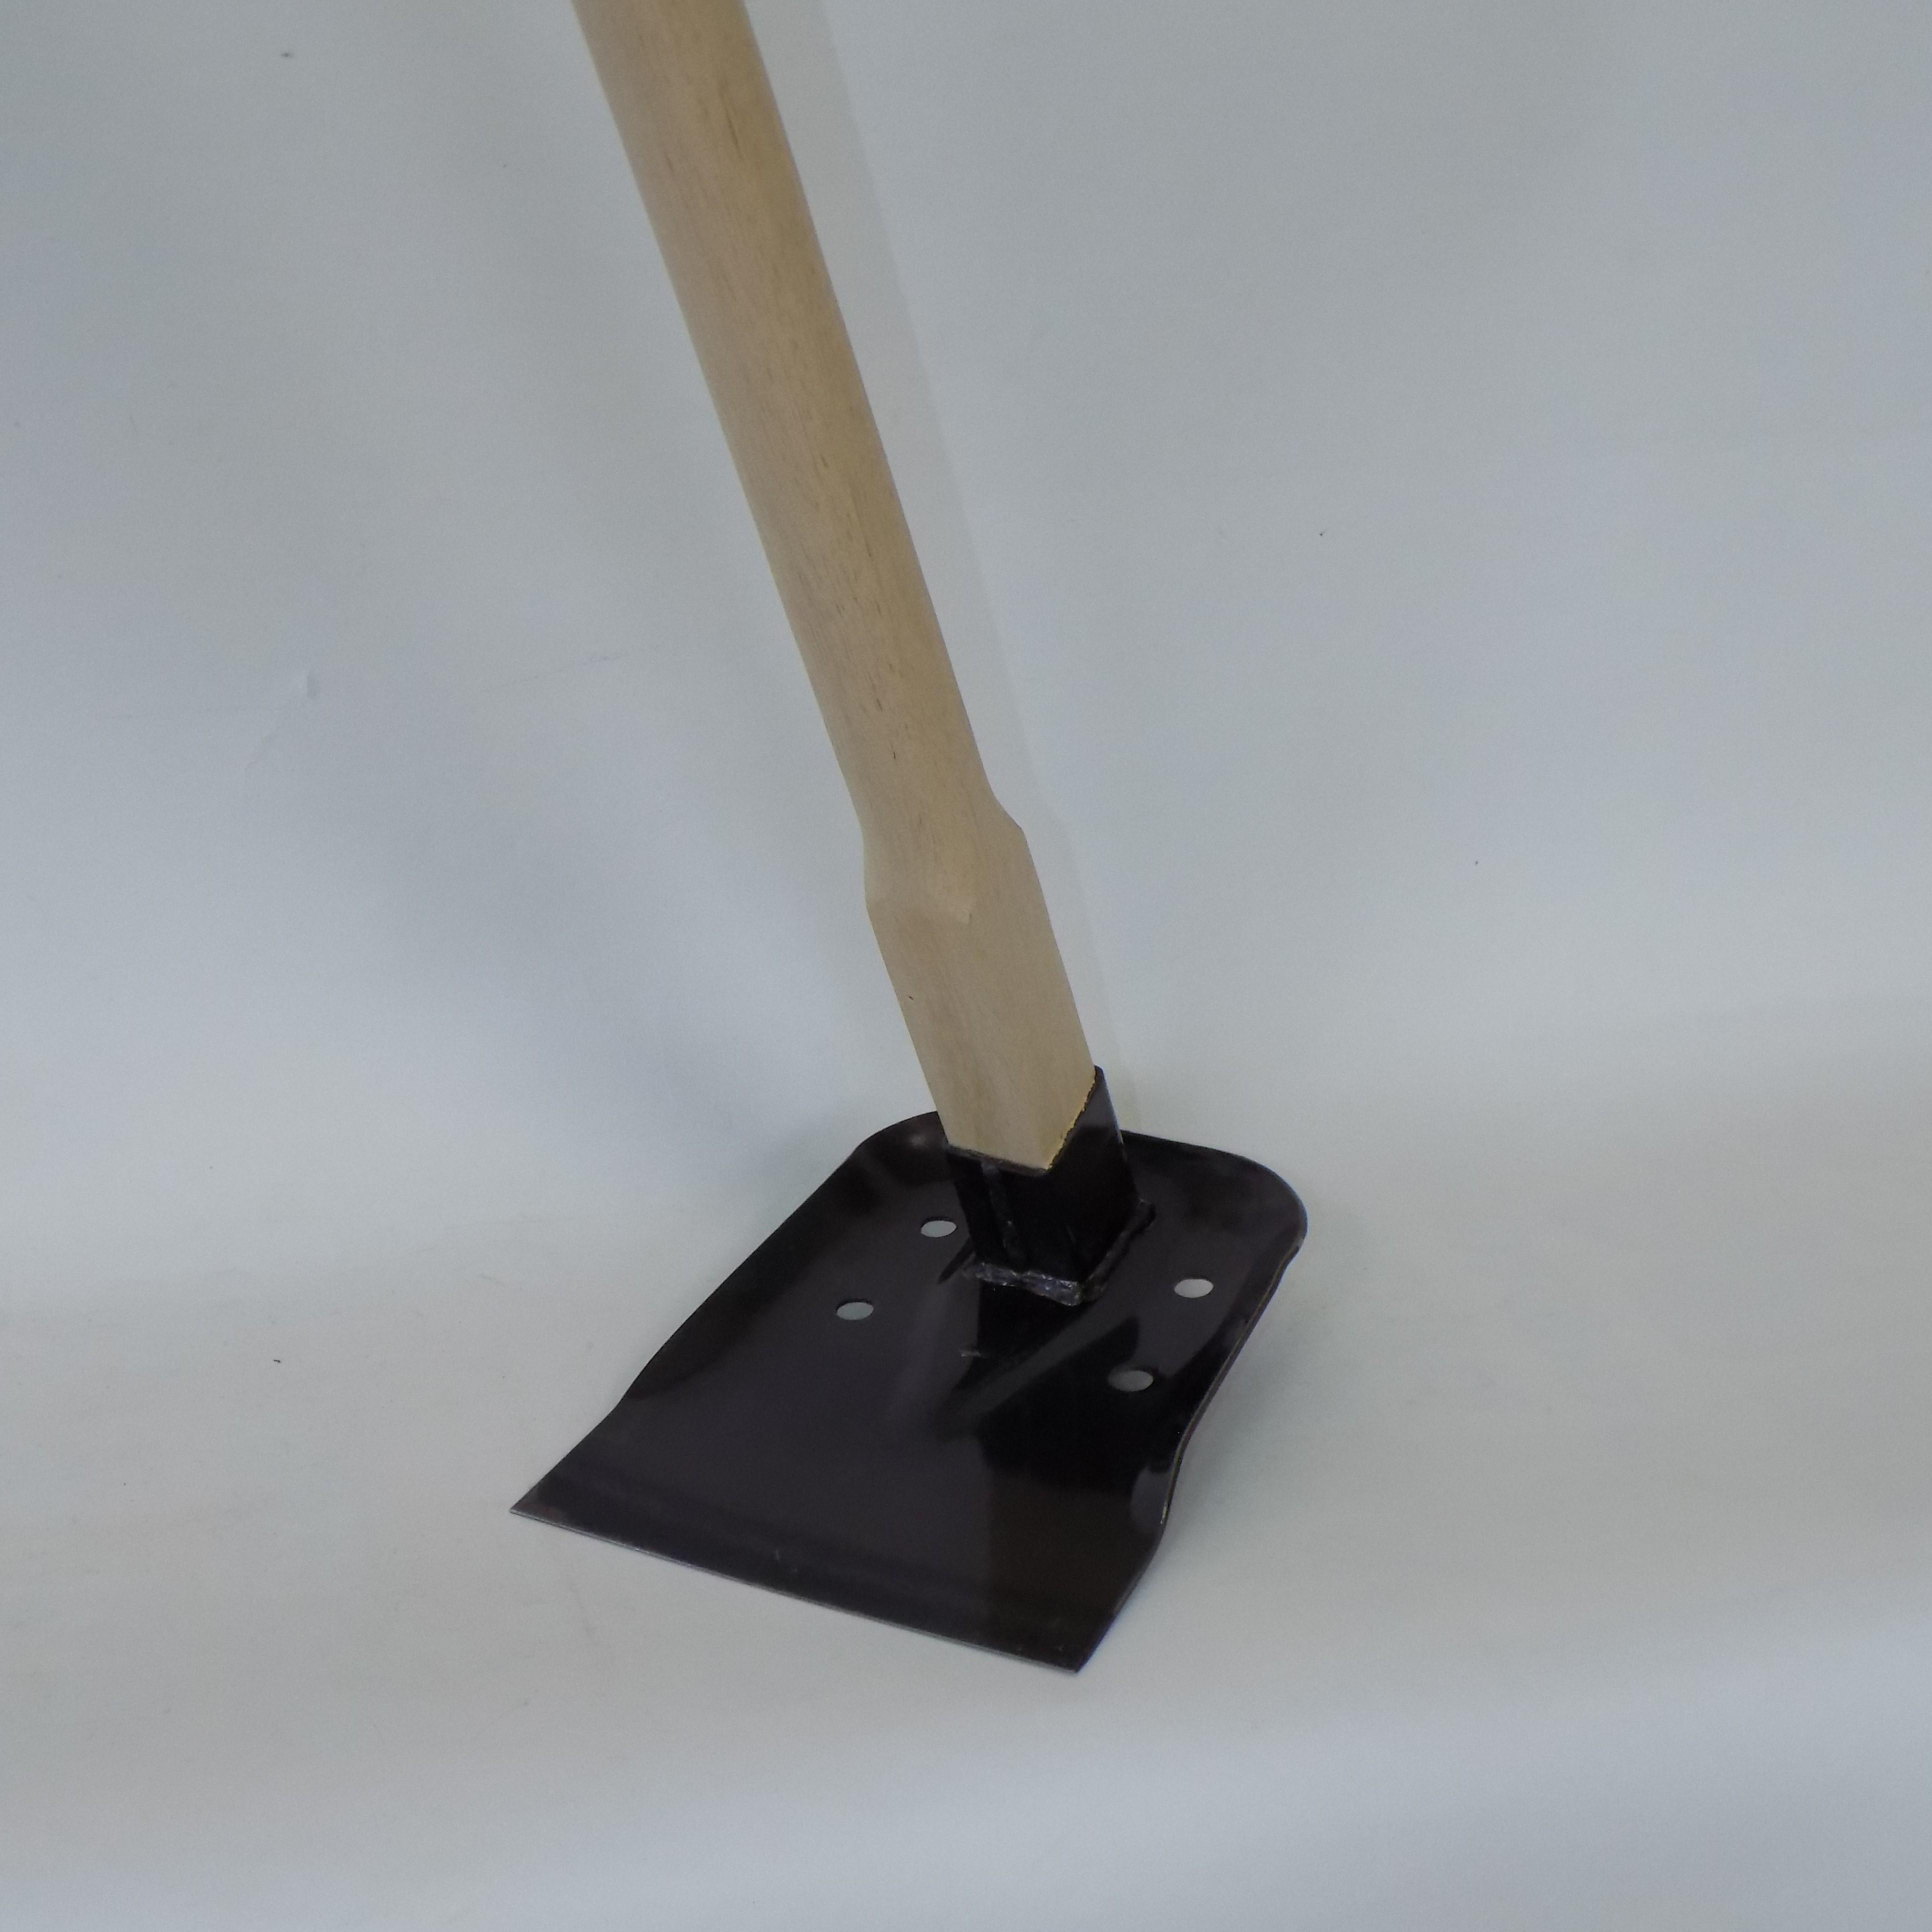 【万能鍬 M】泥上げに適した水抜き穴付き 家庭菜園の土寄せにも使える Mサイズ900ミリ柄